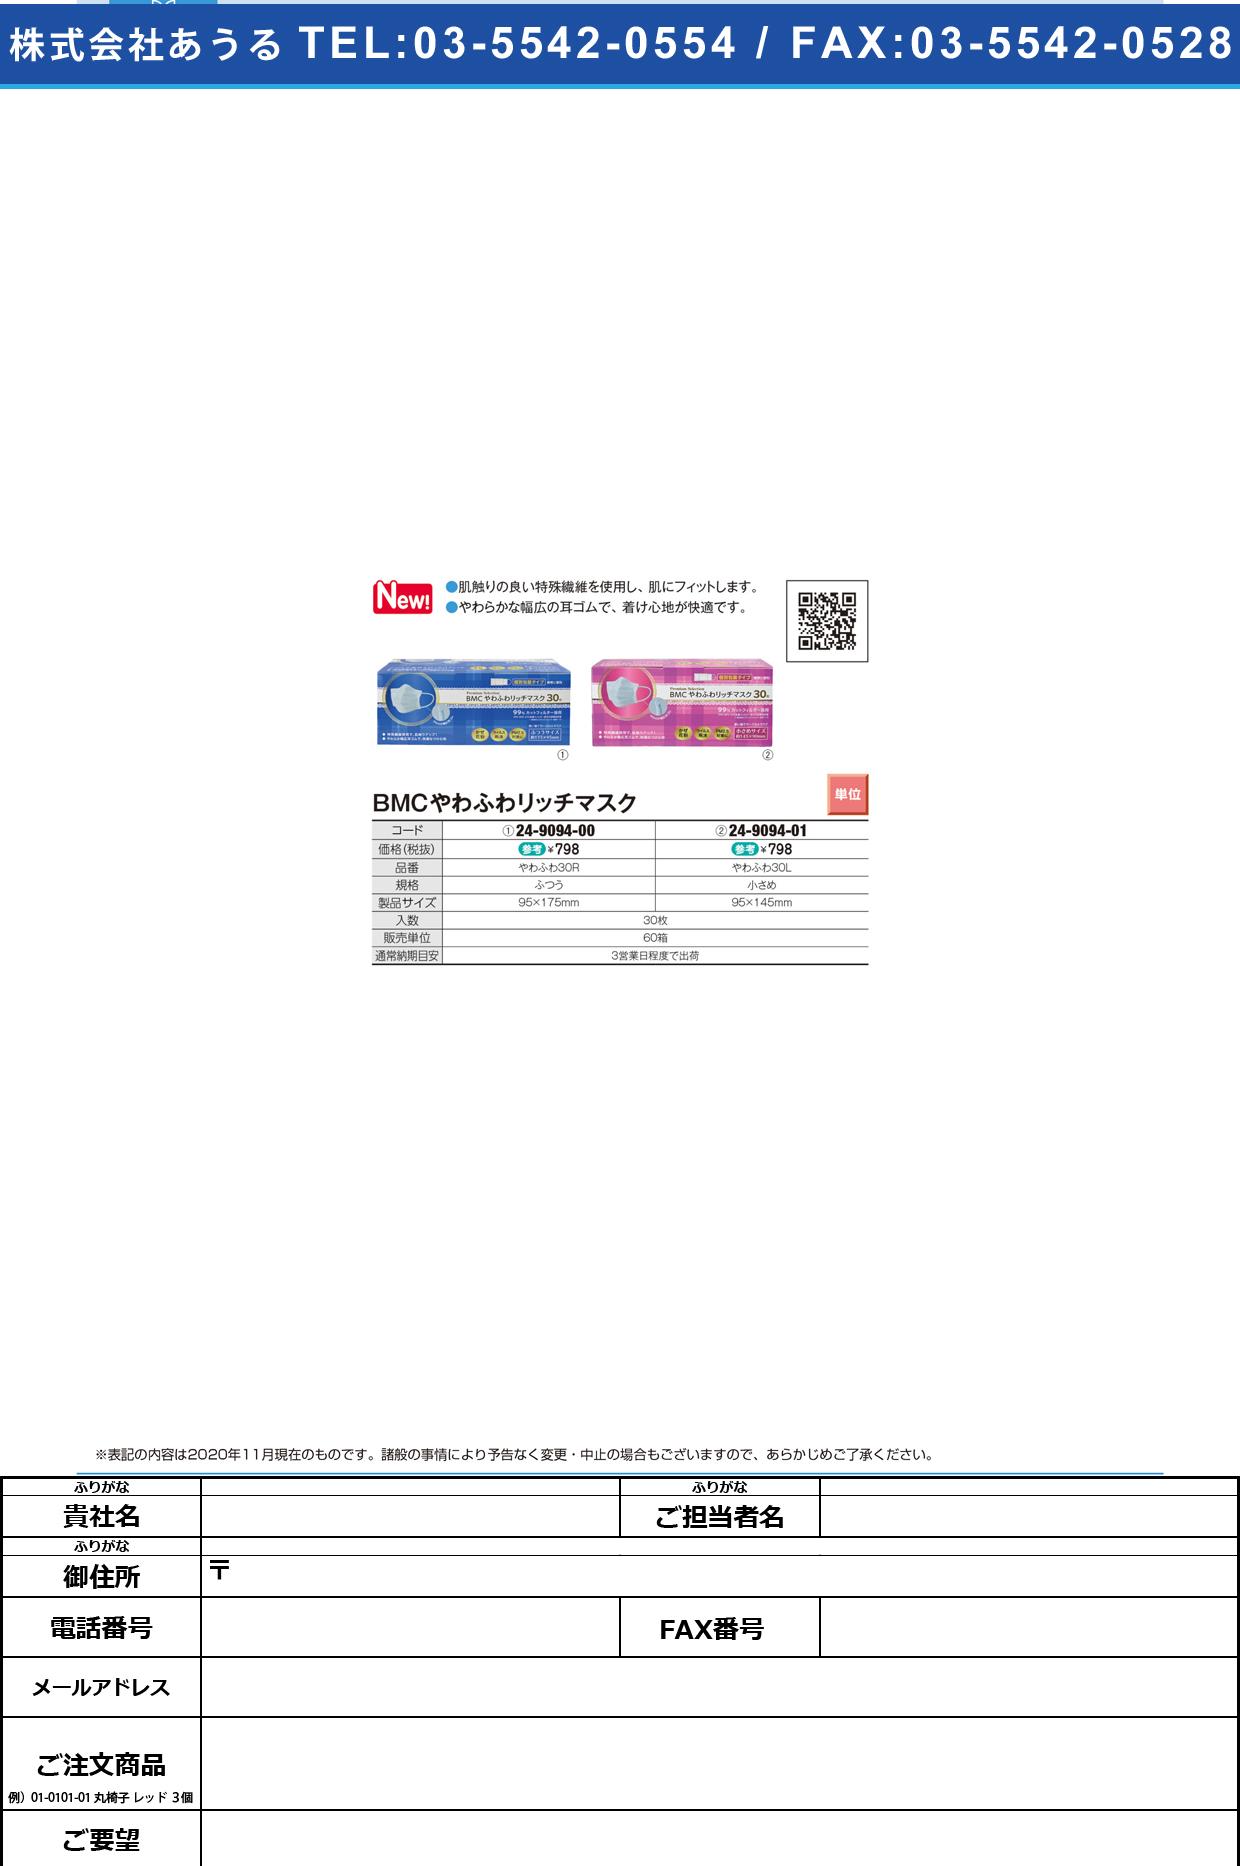 BMCやわふわリッチマスク チイサメサイズ(30マイ)チイサメサイズ(30マイ)(24-9094-01)【ビーエムシー】(販売単位:60)